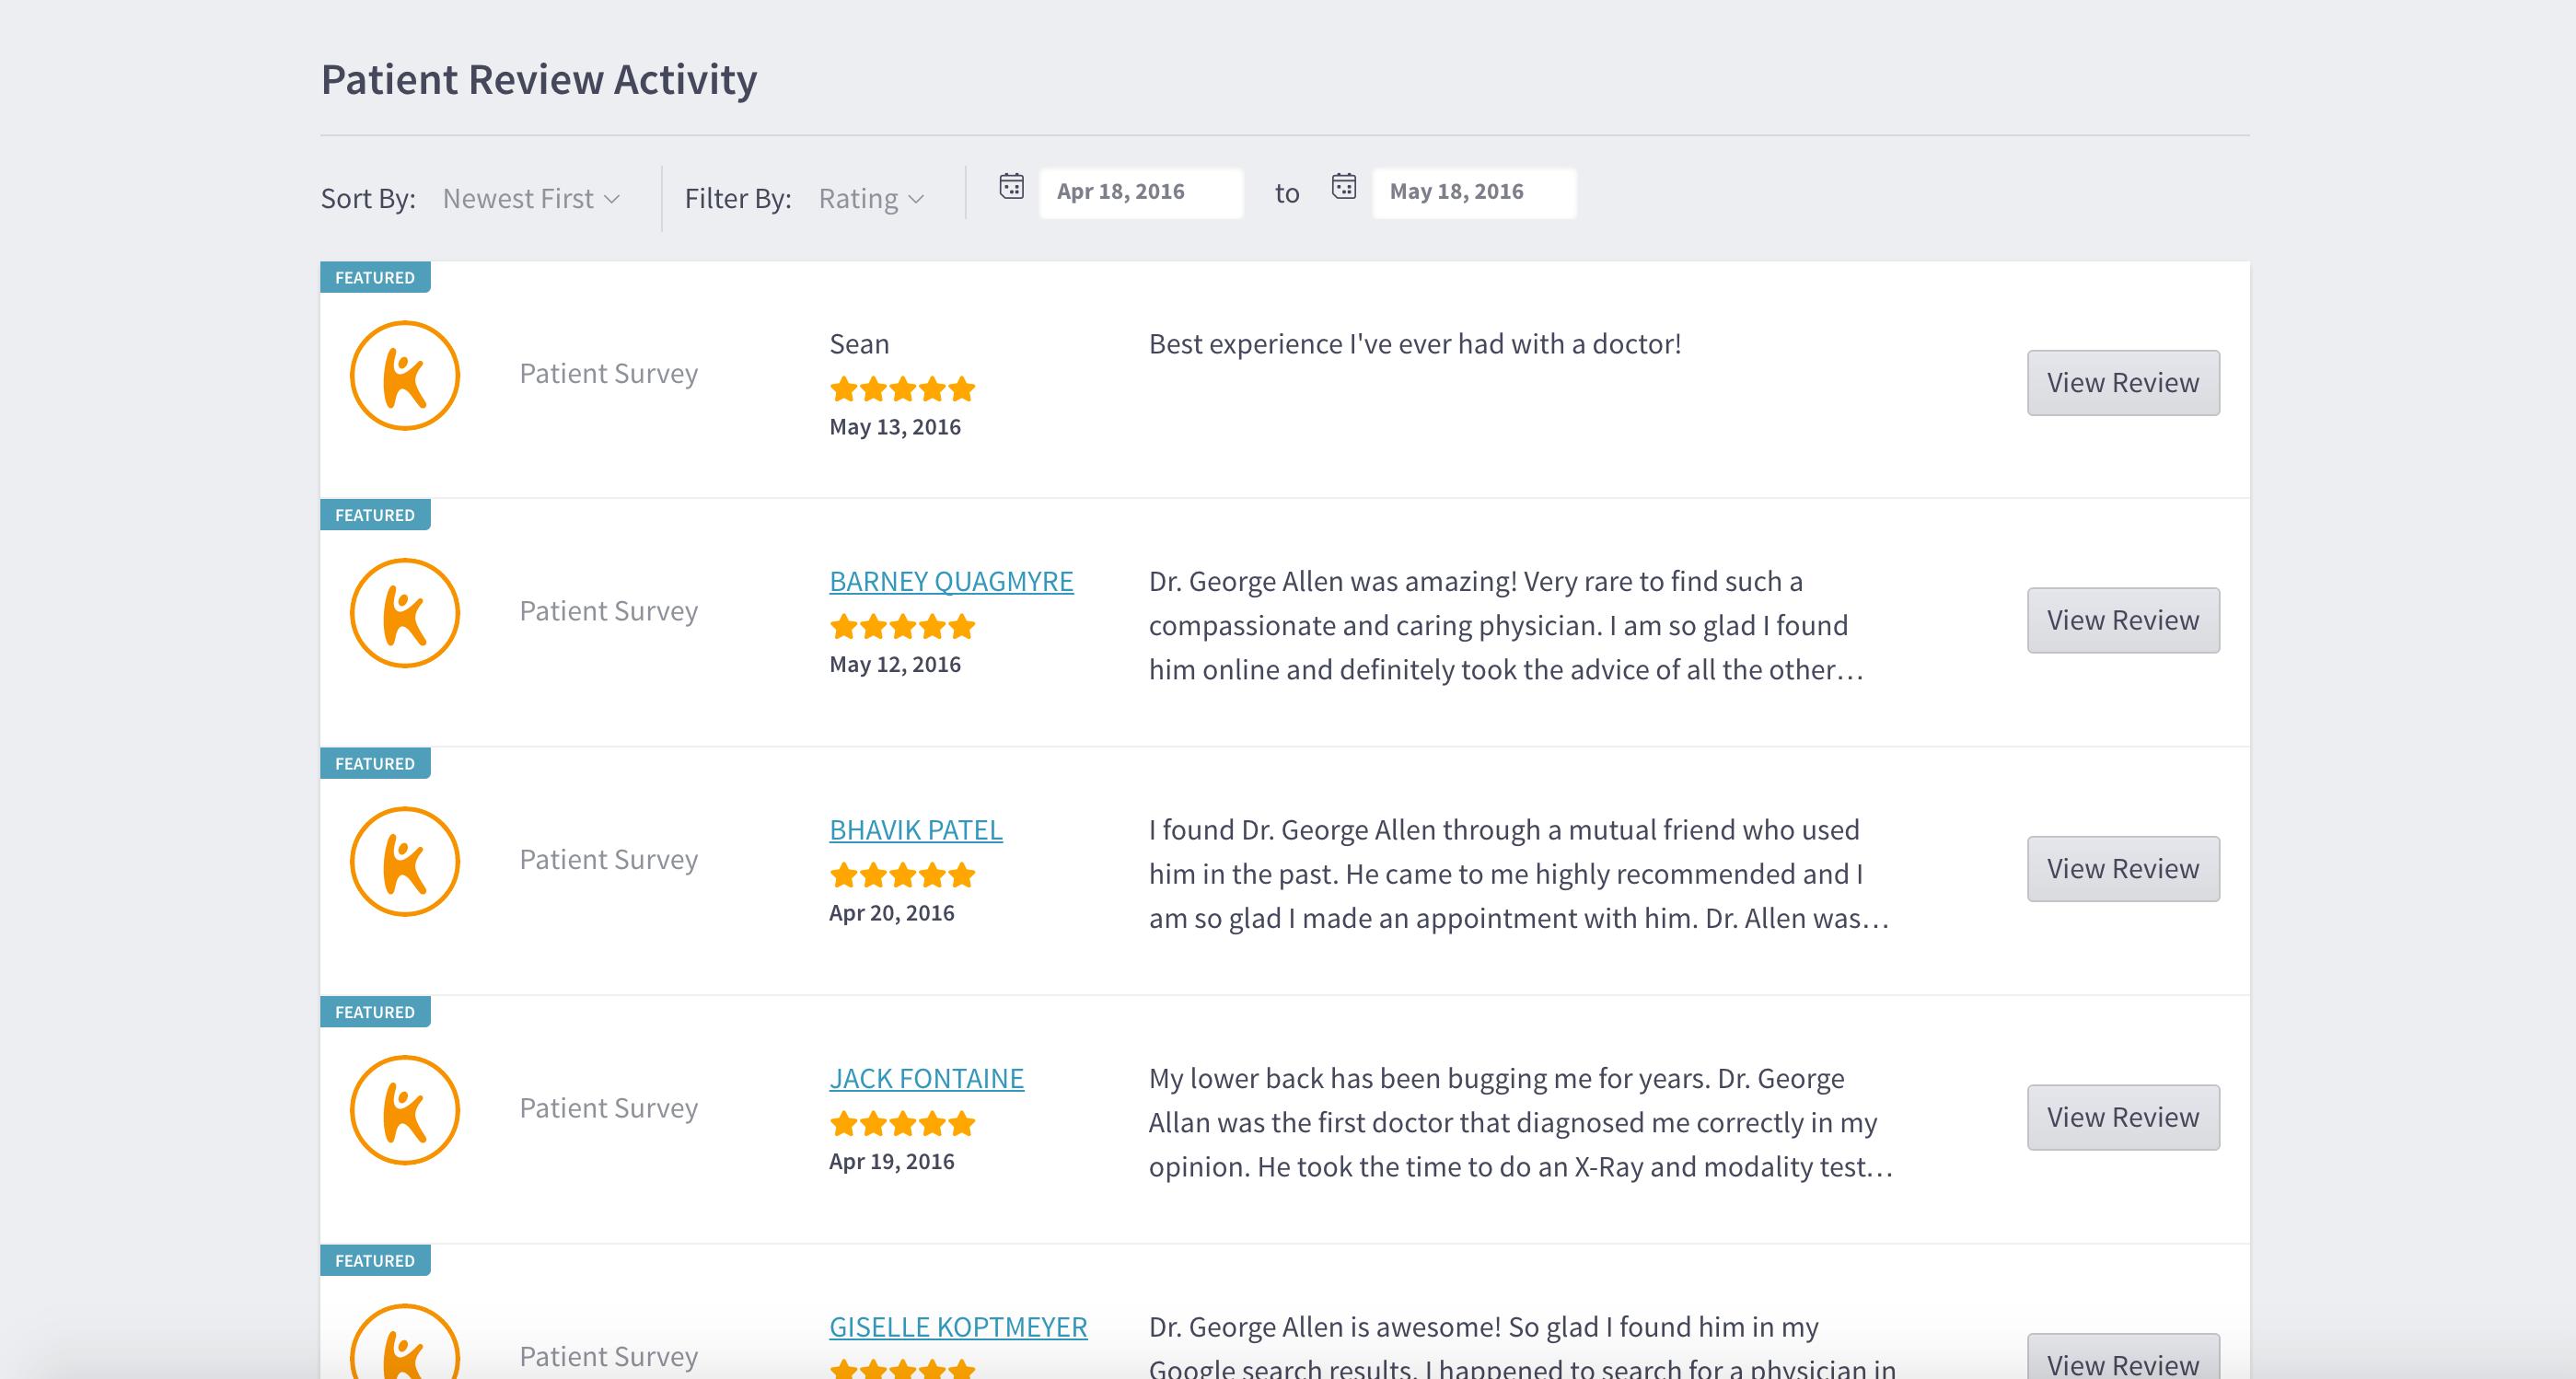 Ptatient review activity